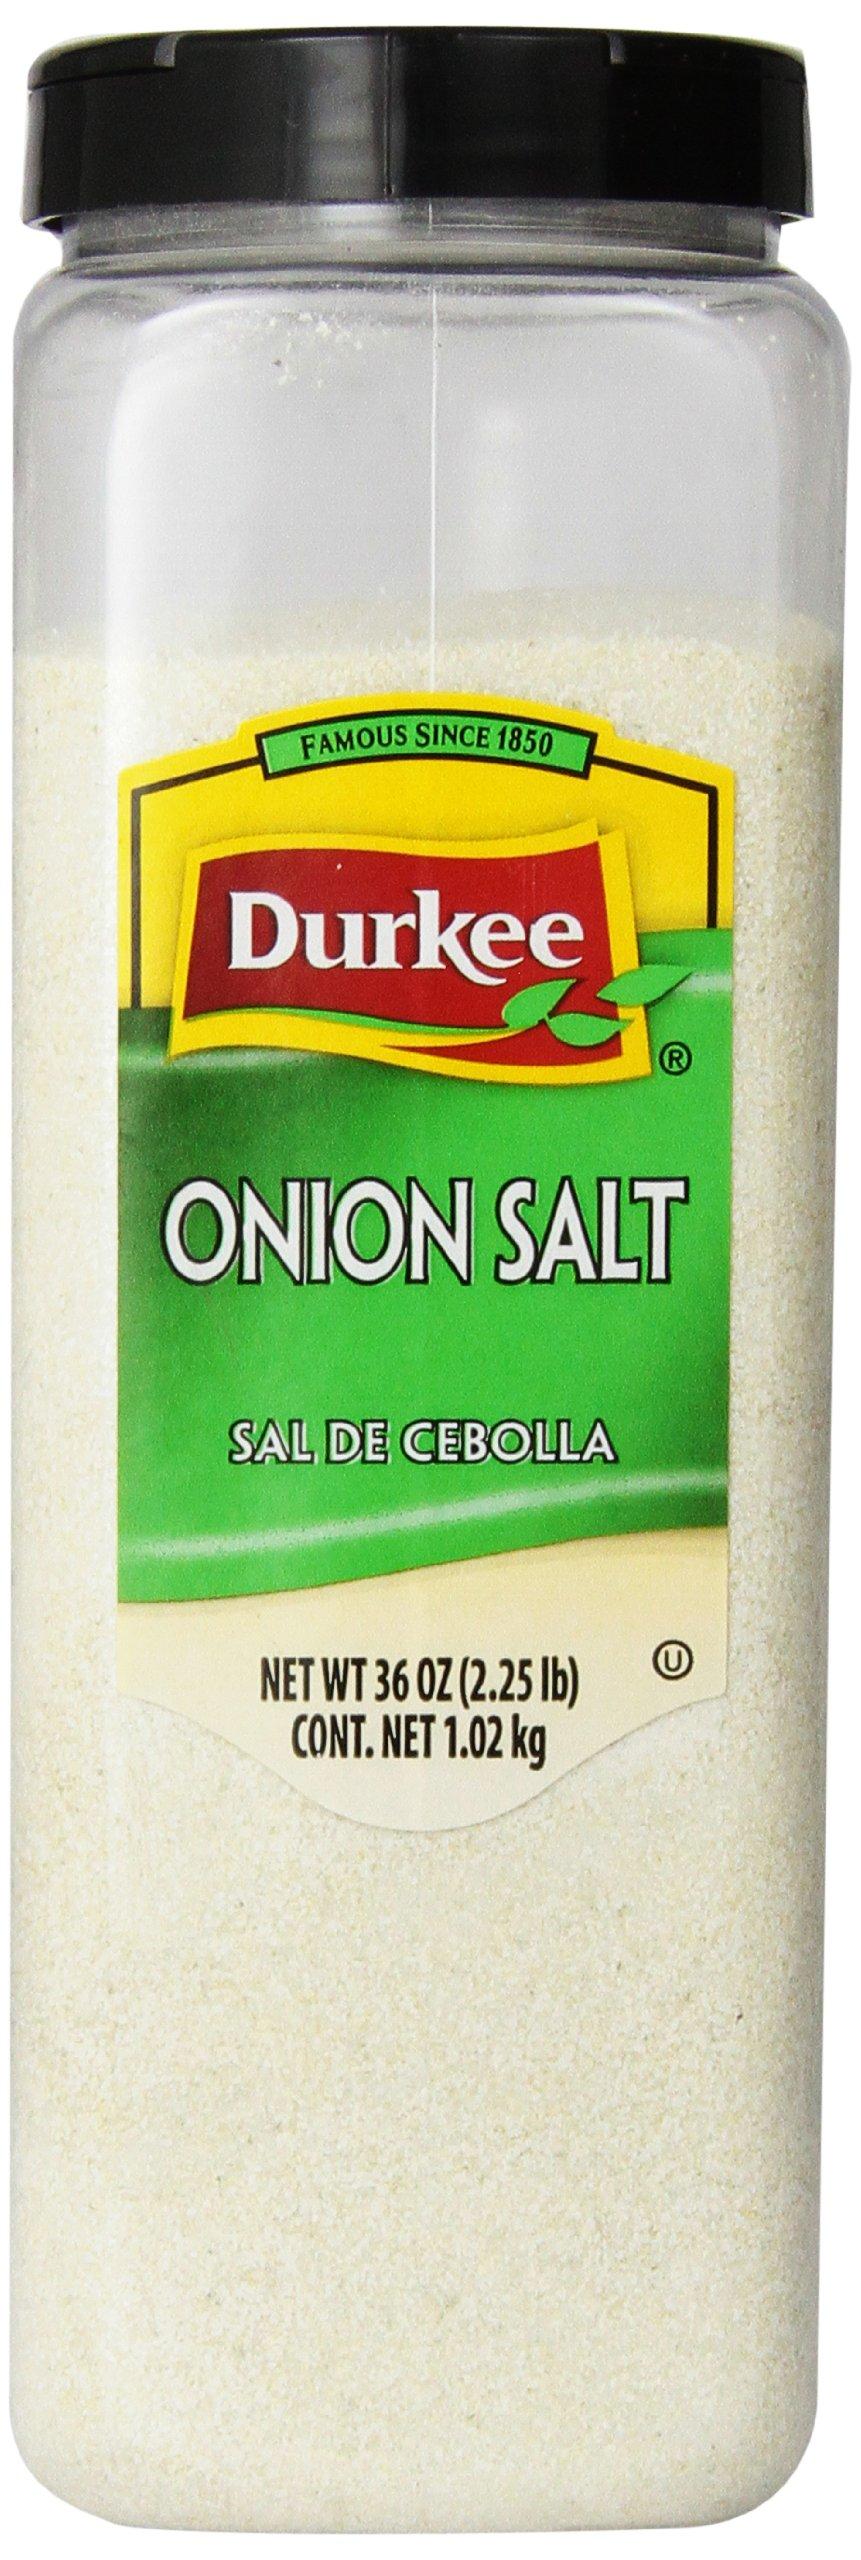 Durkee Onion Salt, 36-Ounce (Pack of 6)